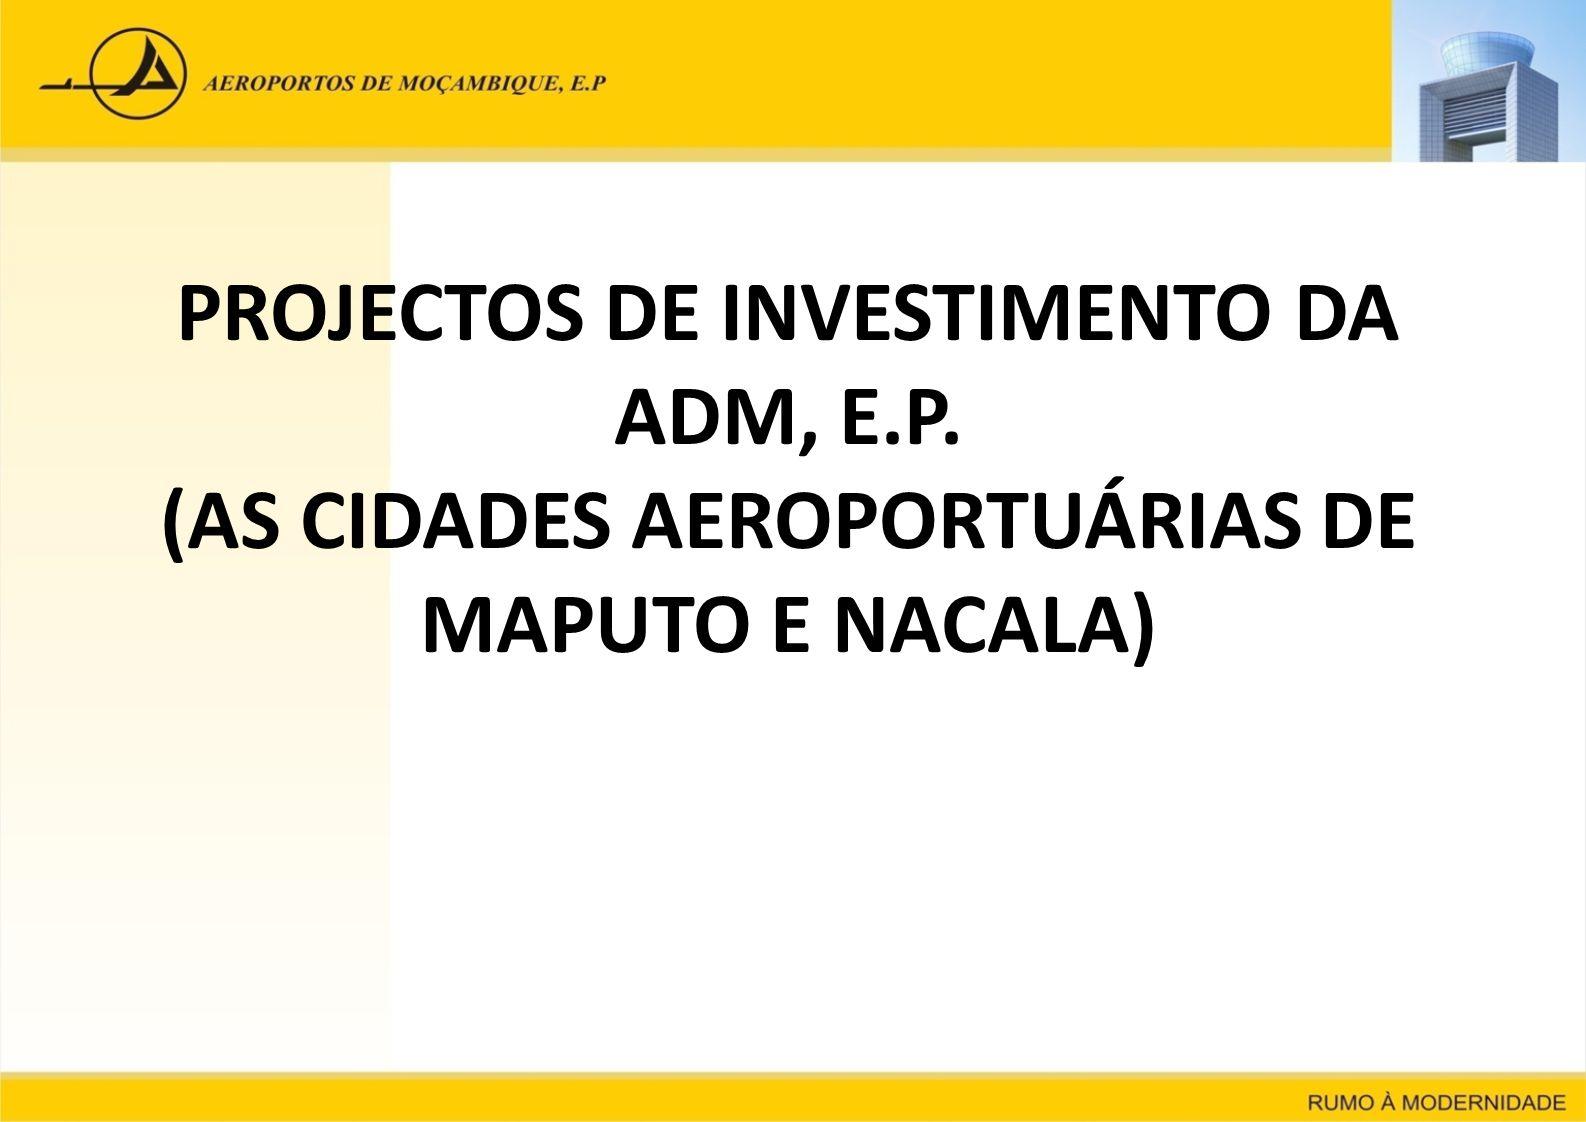 PROJECTOS DE INVESTIMENTO DA ADM, E.P. (AS CIDADES AEROPORTUÁRIAS DE MAPUTO E NACALA)